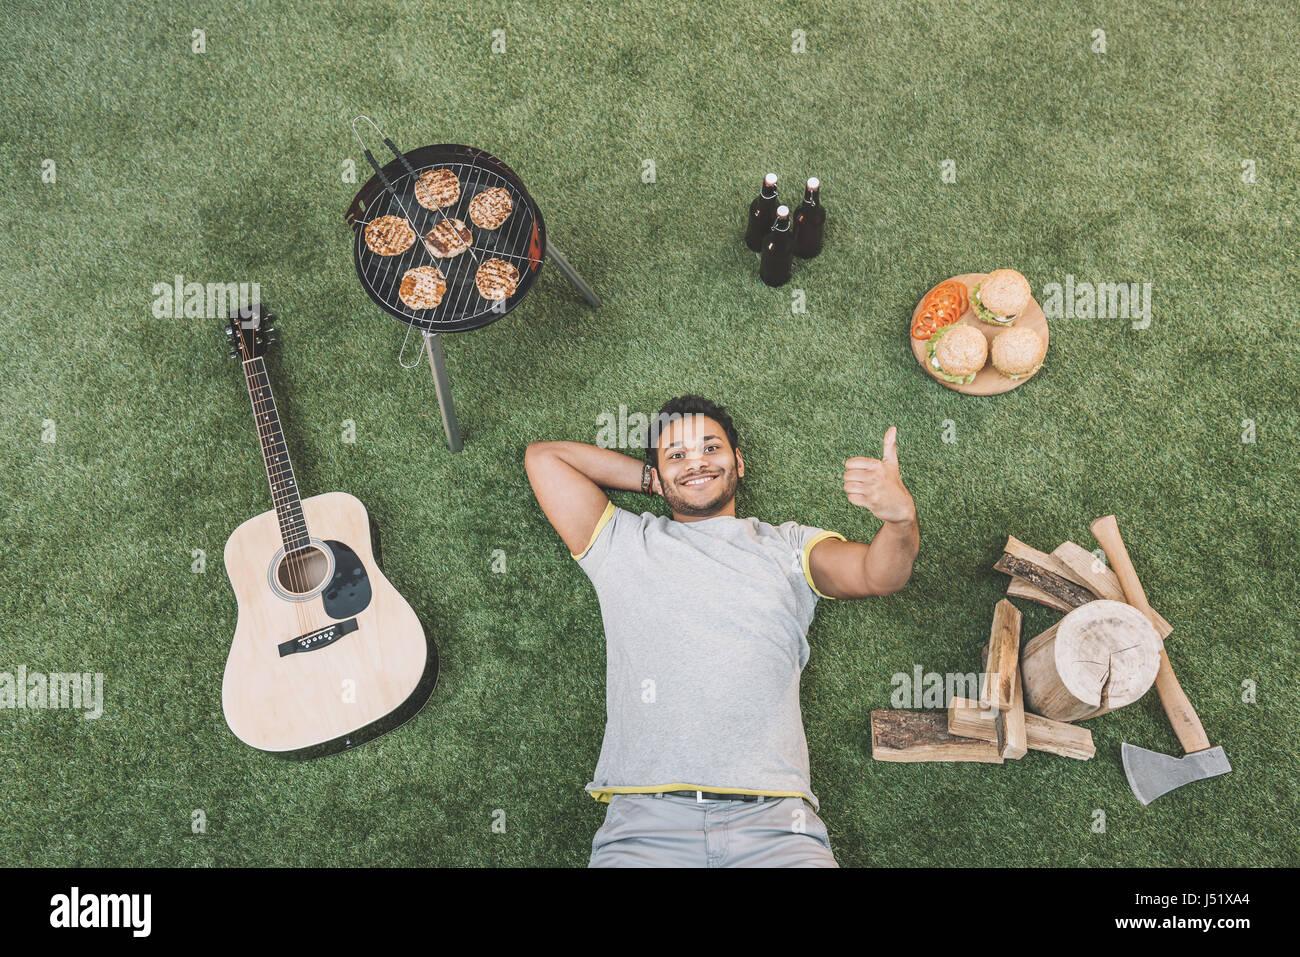 Draufsicht der glücklich junger Mann Daumen auftauchen und ruht auf dem Rasen mit Gitarre und Nahrung für Stockbild